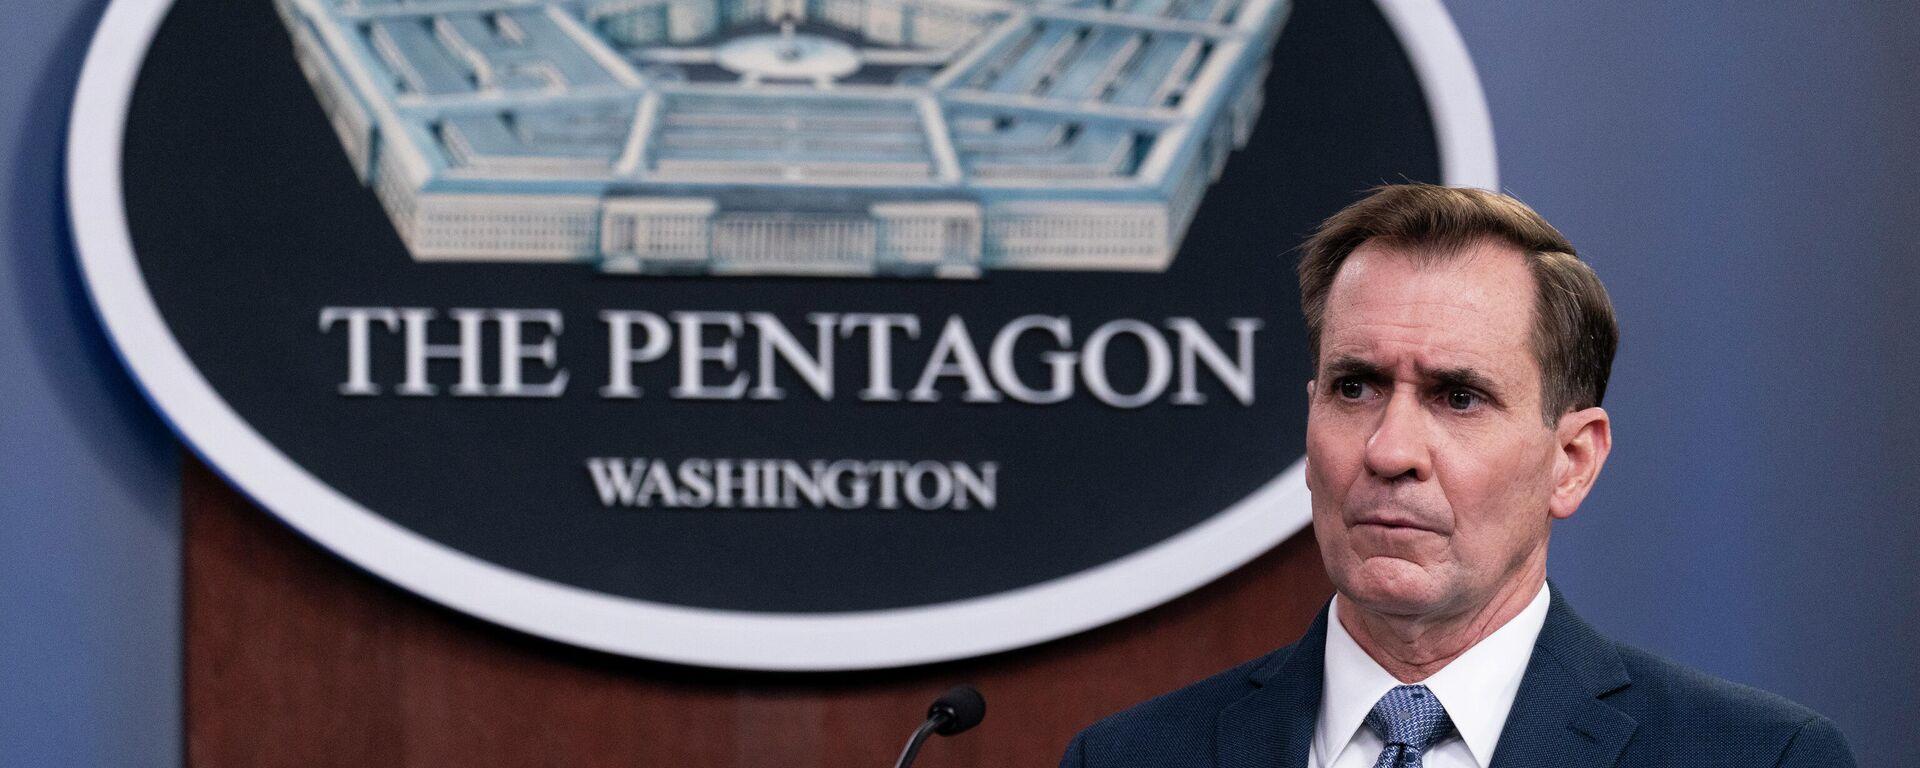 Pentagon-Sprecher John Kirby informiert bei einem Briefing über US-Schläge gegen Ziele in Syrien. Washington, 25. Februar 2021 - SNA, 1920, 20.09.2021